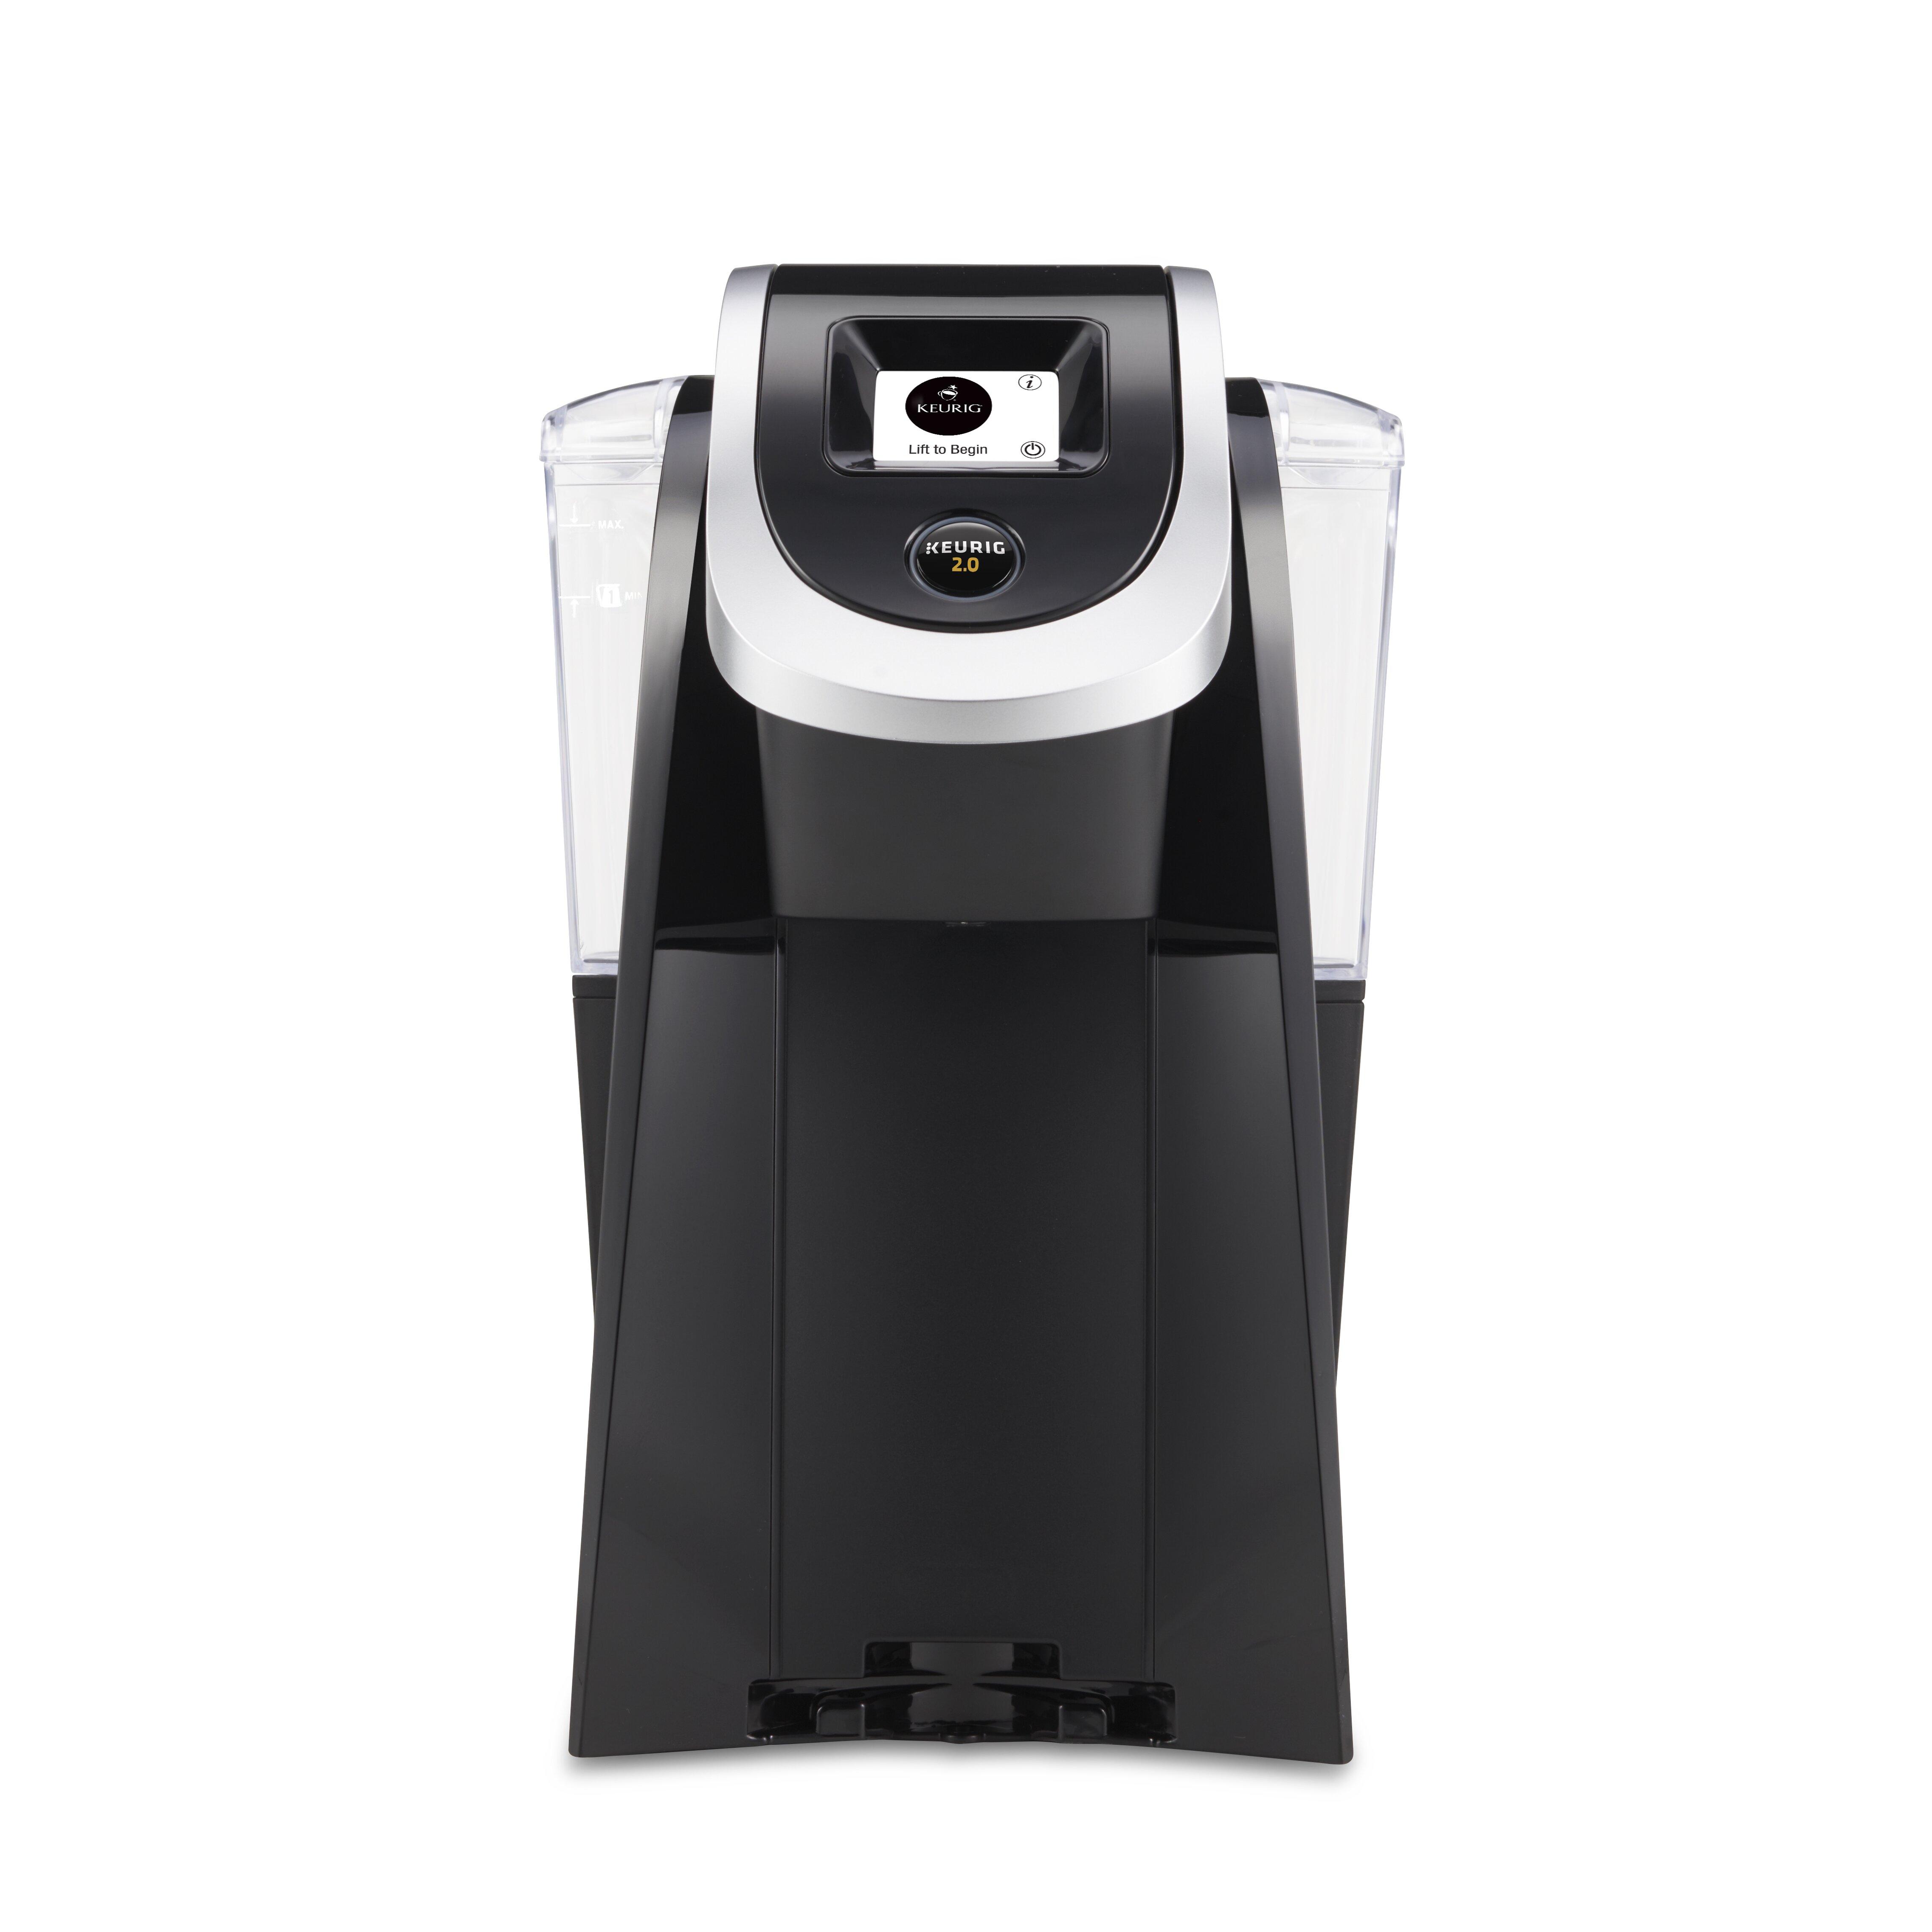 Keurig K250 Brewer Coffee Maker & Reviews Wayfair